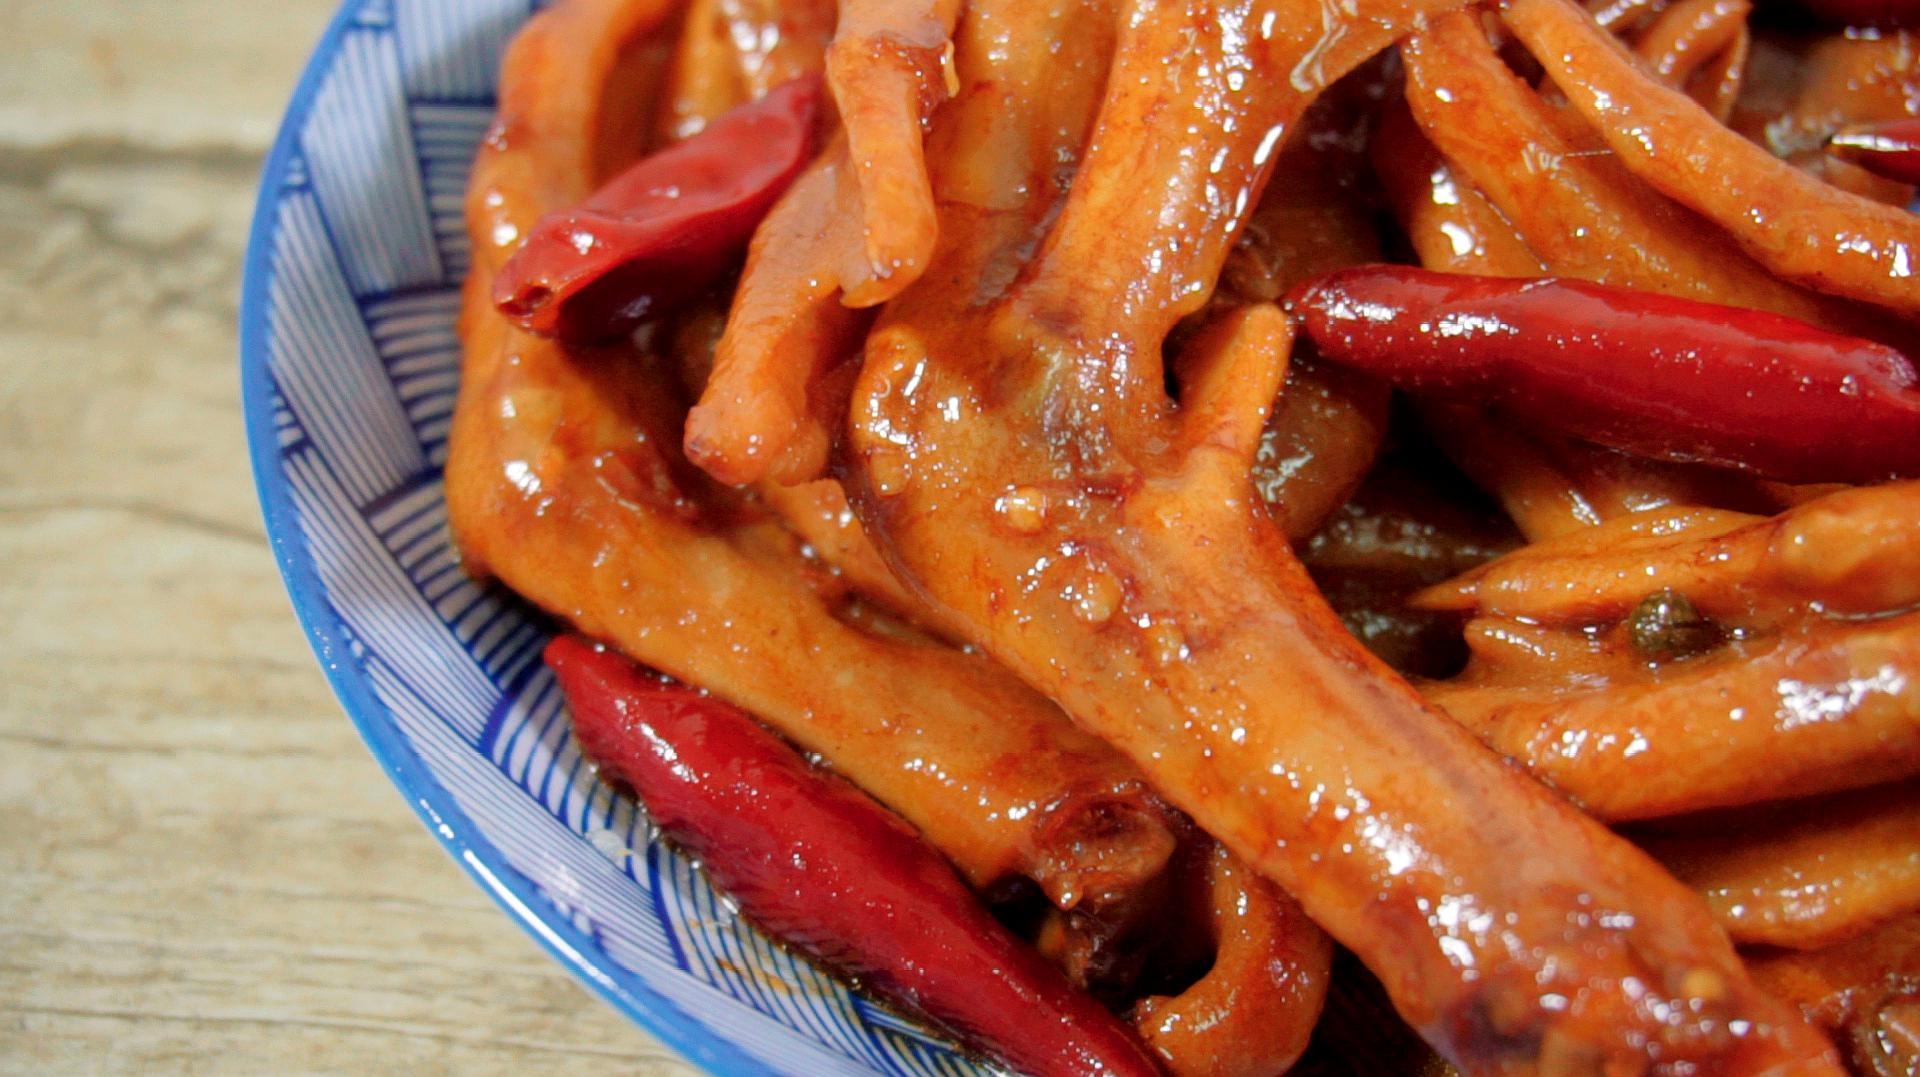 01:05百度做法甜辣海报的土豆01:23鸭掌酱汁鸭掌的做法家常菜经验图片